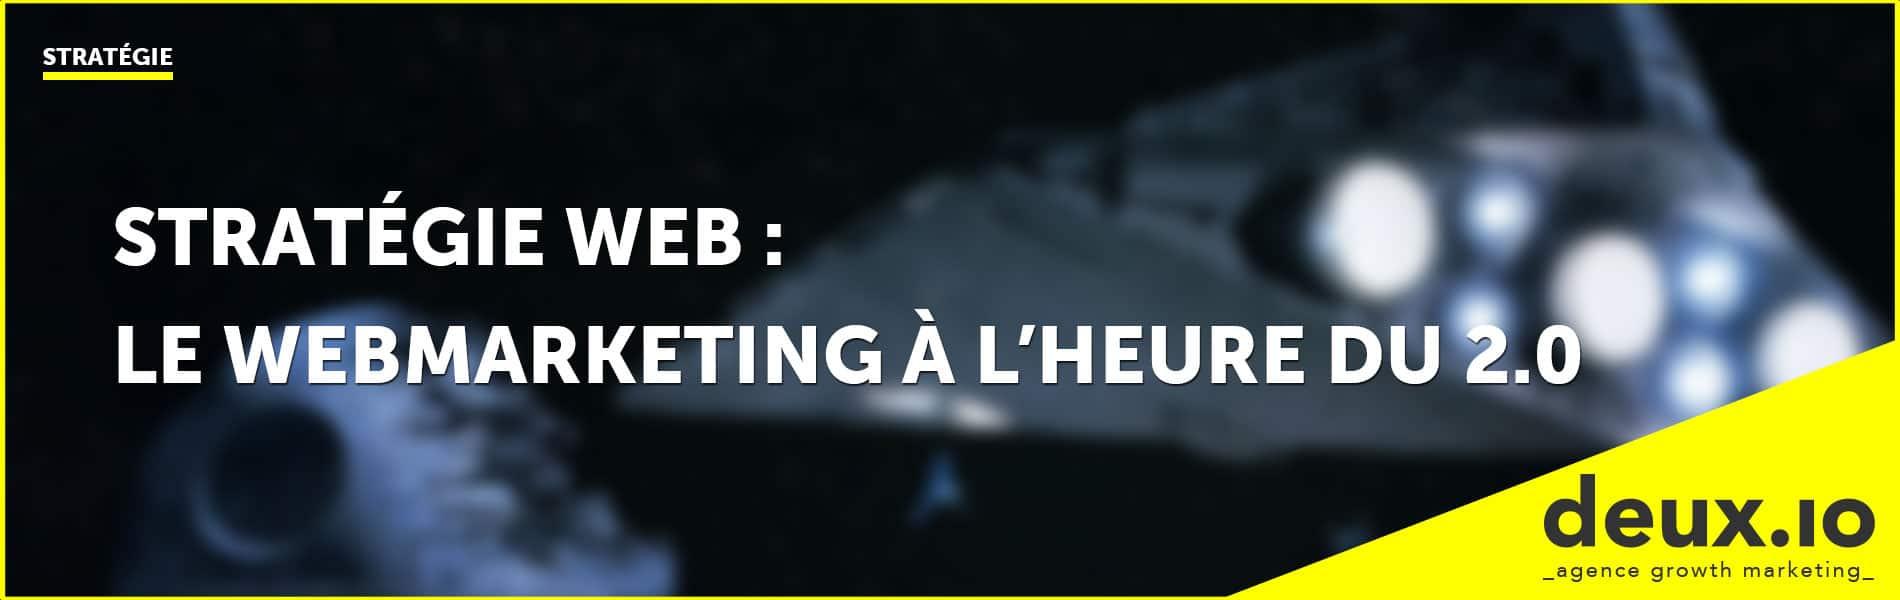 stratégie web le webmarketing à l'heure du 2.0